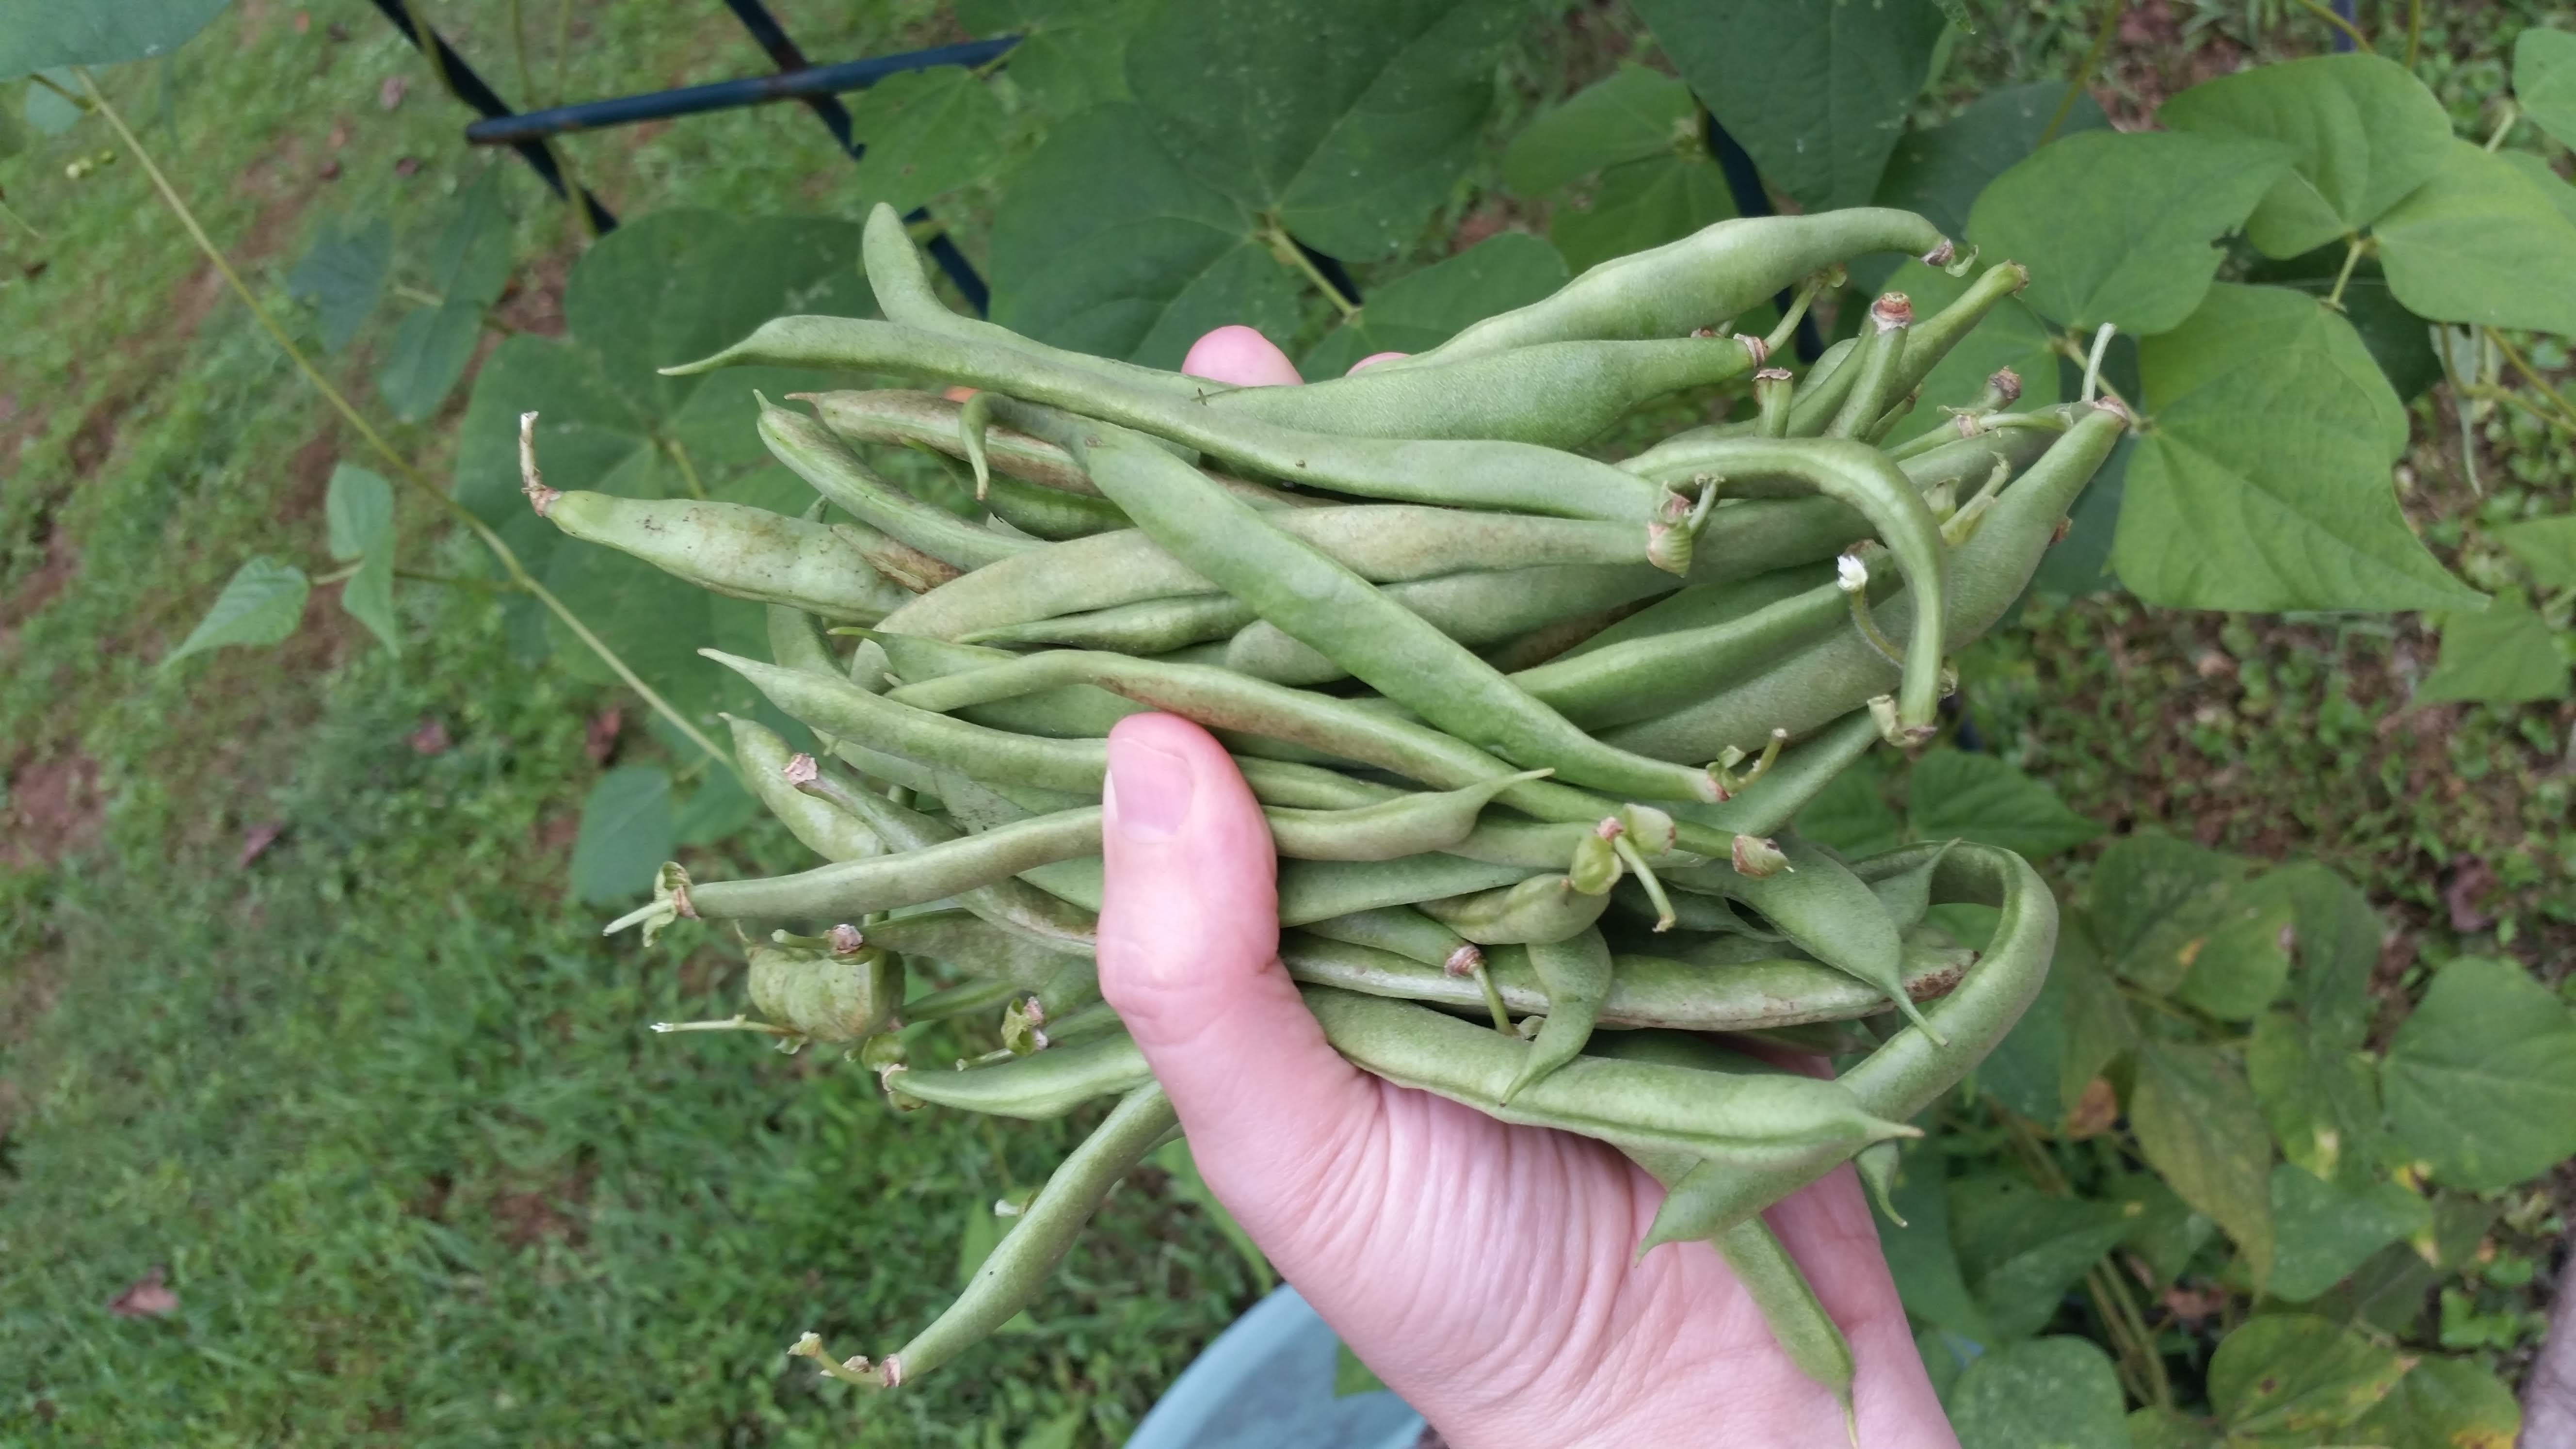 Green Beans from garden